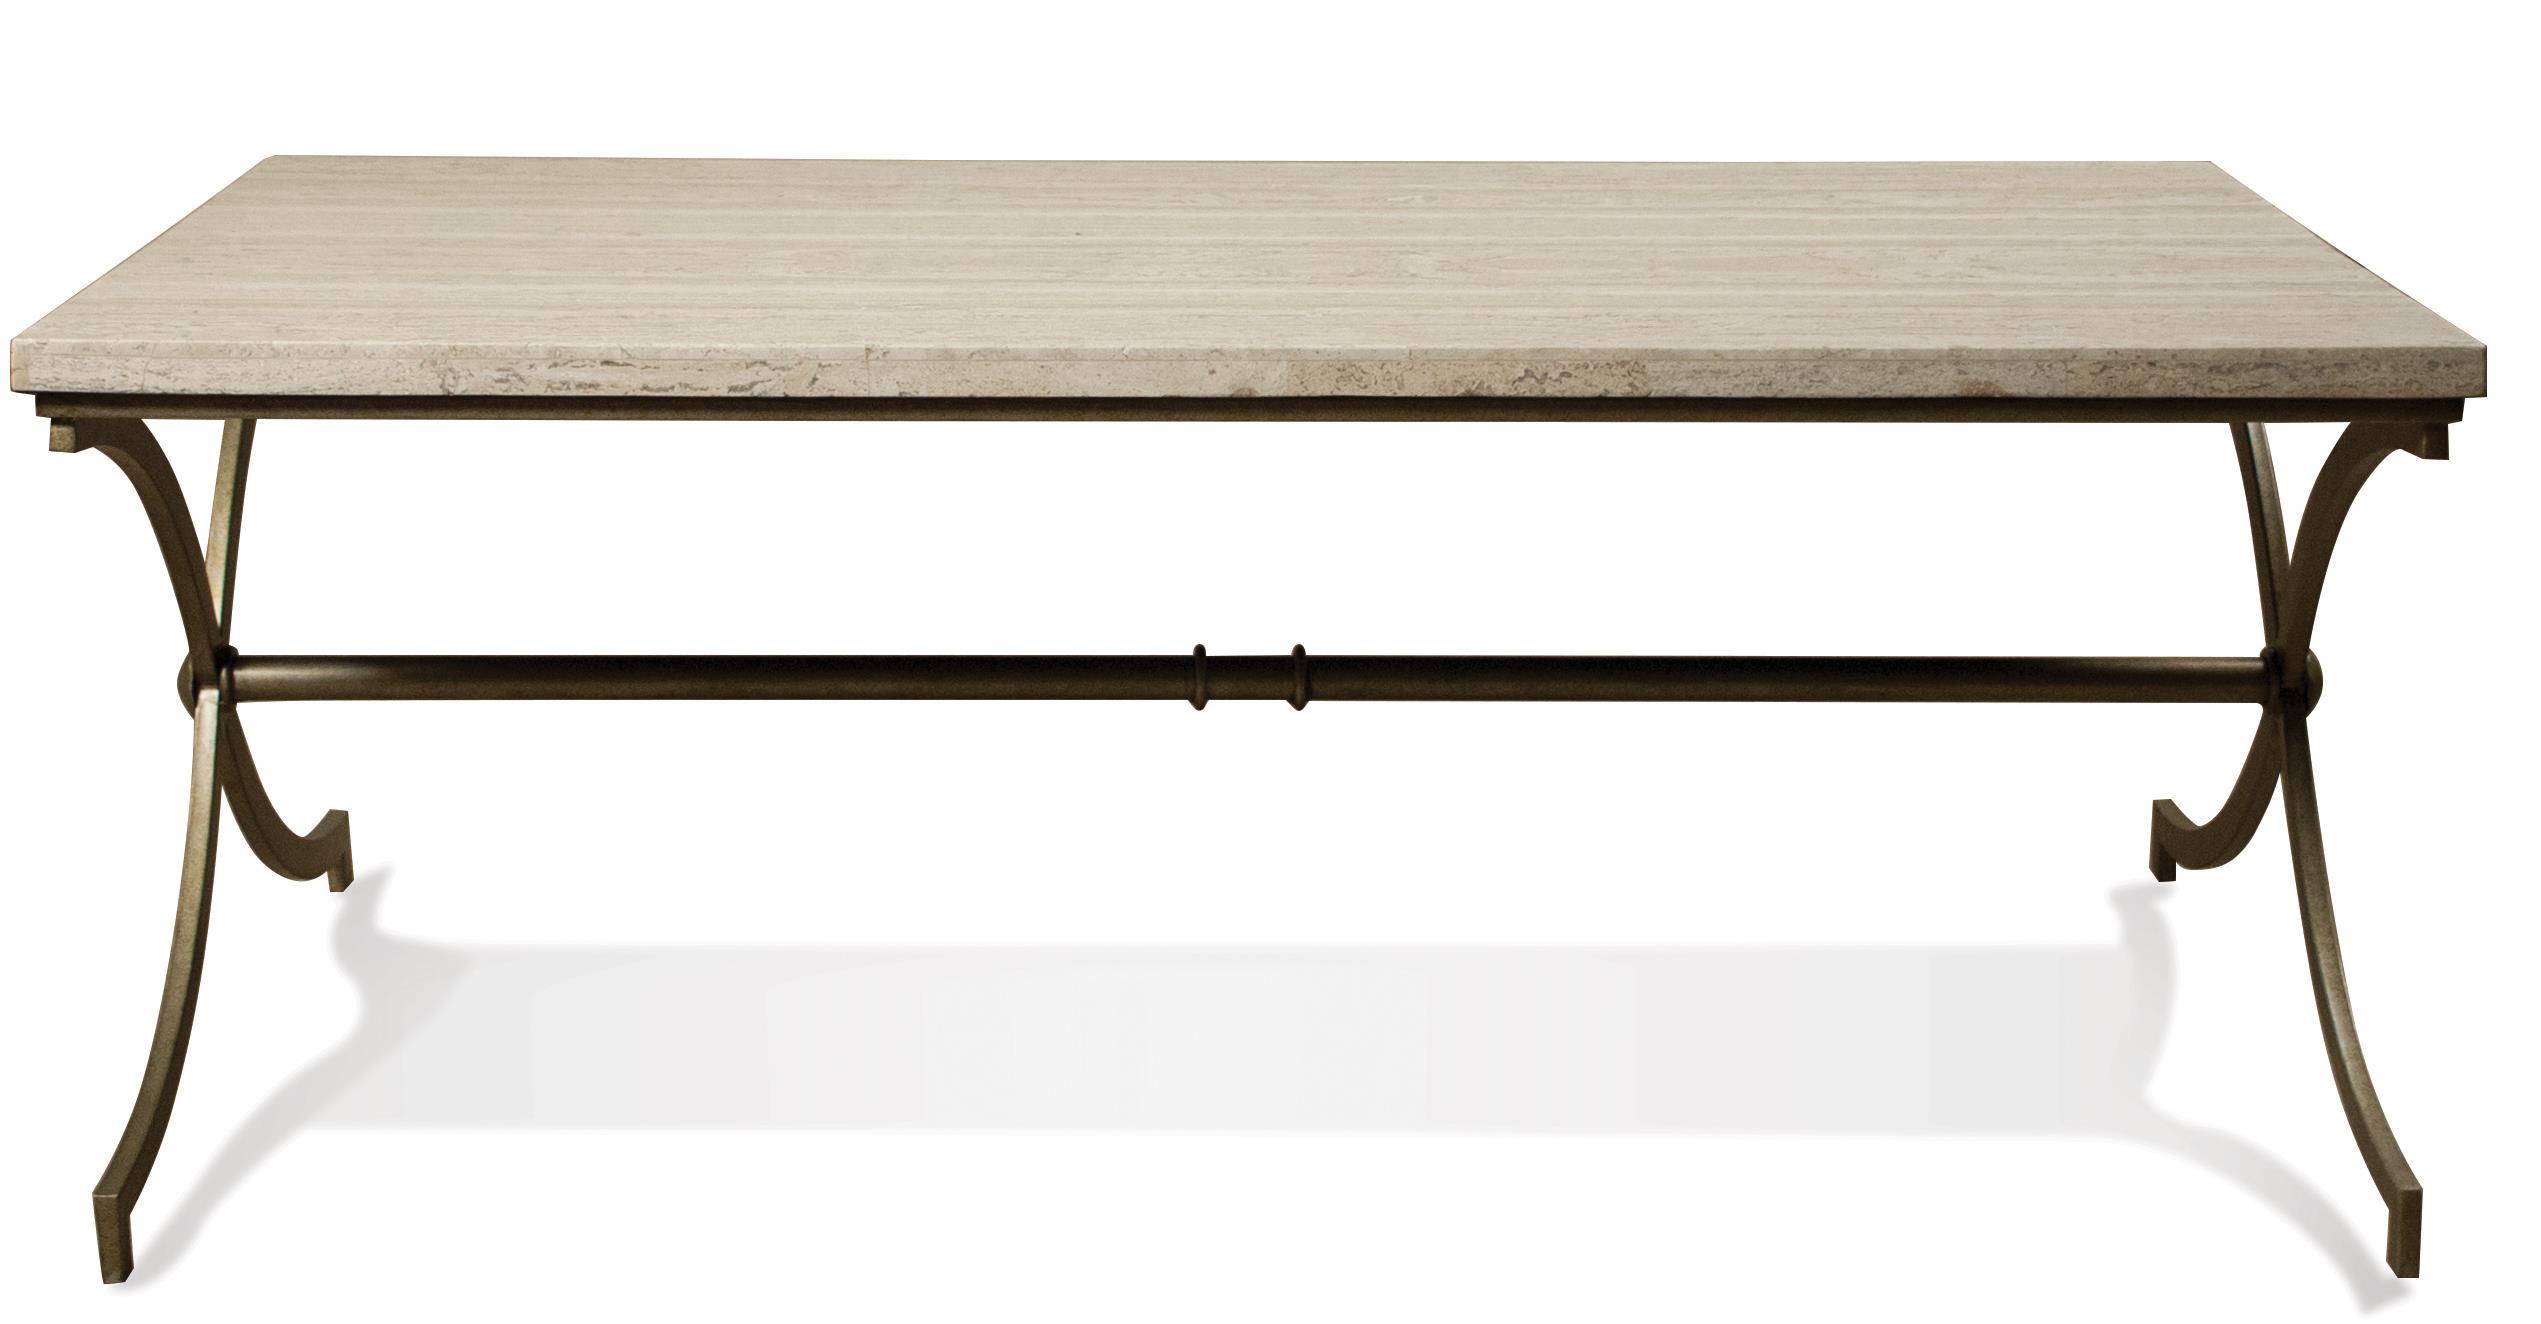 Riverside furniture elan travertine coffee table value for Coffee tables value city furniture